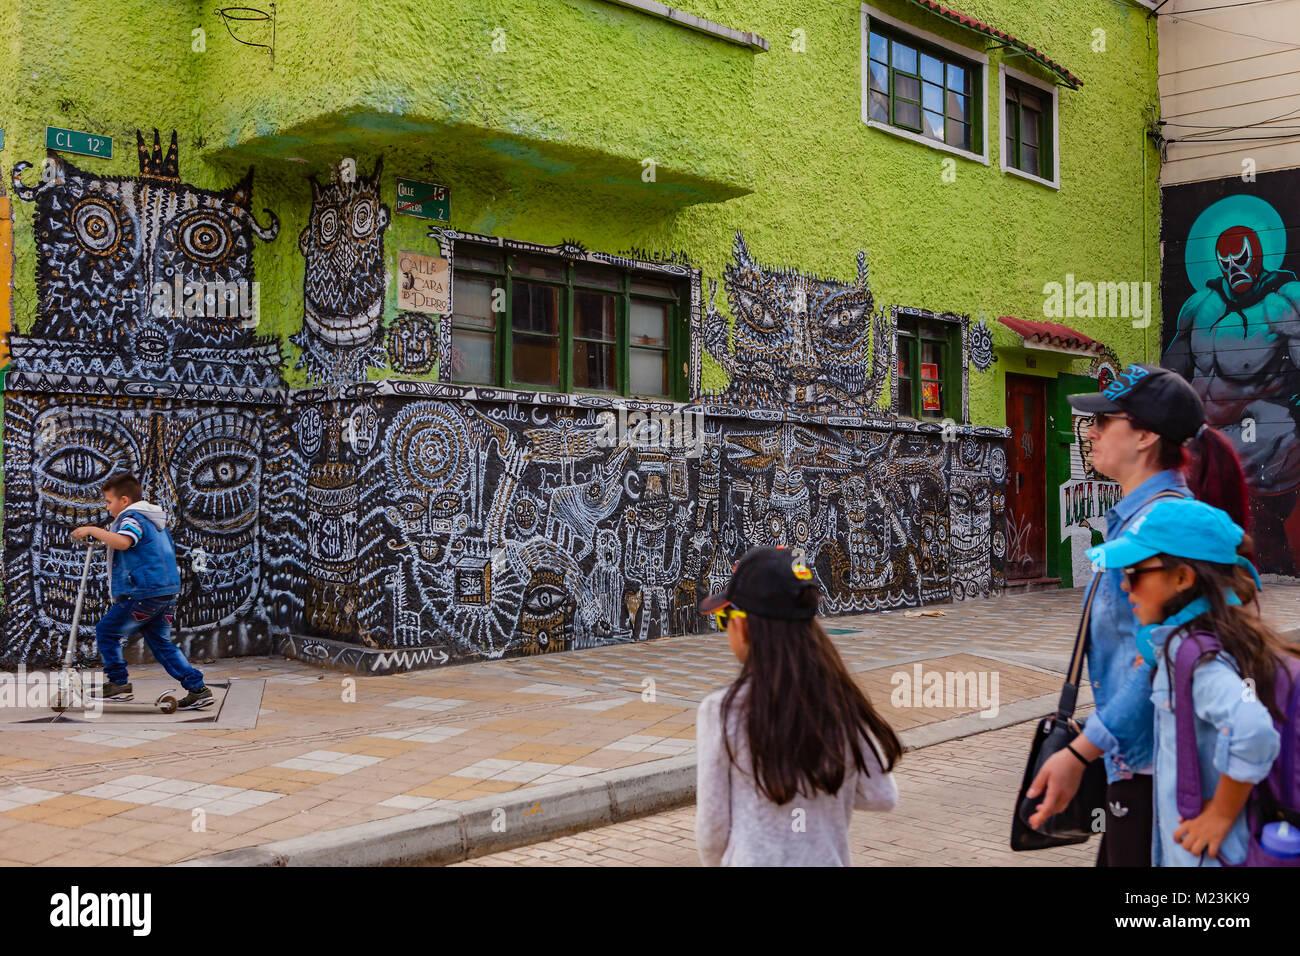 Bogotà, Colombia - 28 Maggio 2017: alcuni enti locali colombiani a piedi dalle pareti dipinte luminosamente in Candelaria Foto Stock